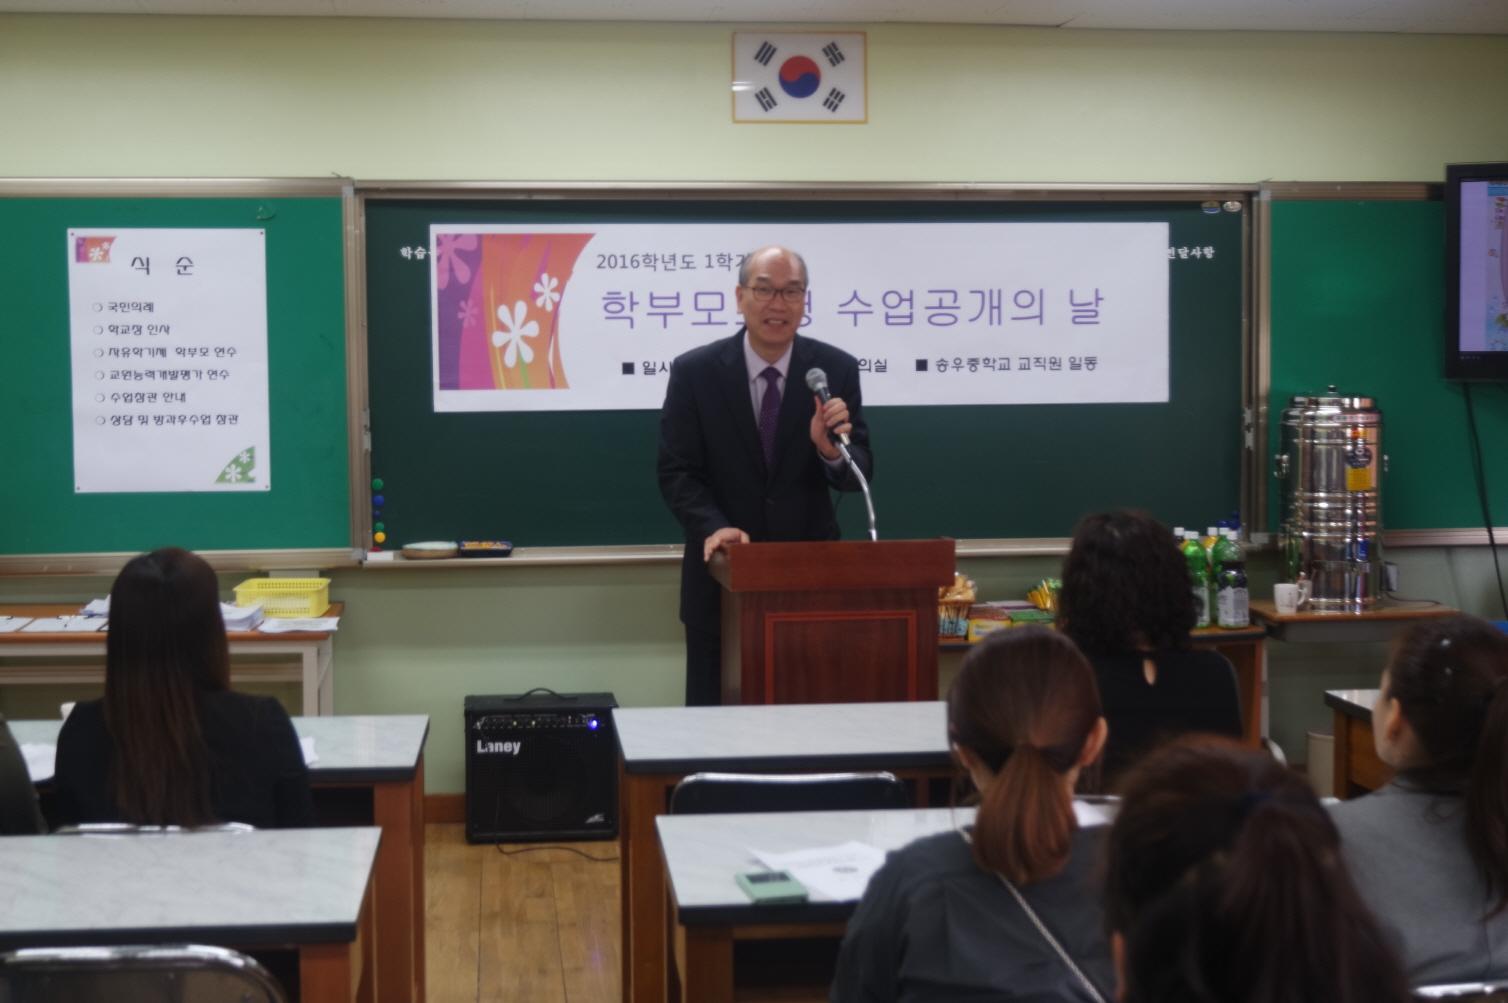 [일반] 2016년도 송우중학교 수업공개의 날의 첨부이미지 6